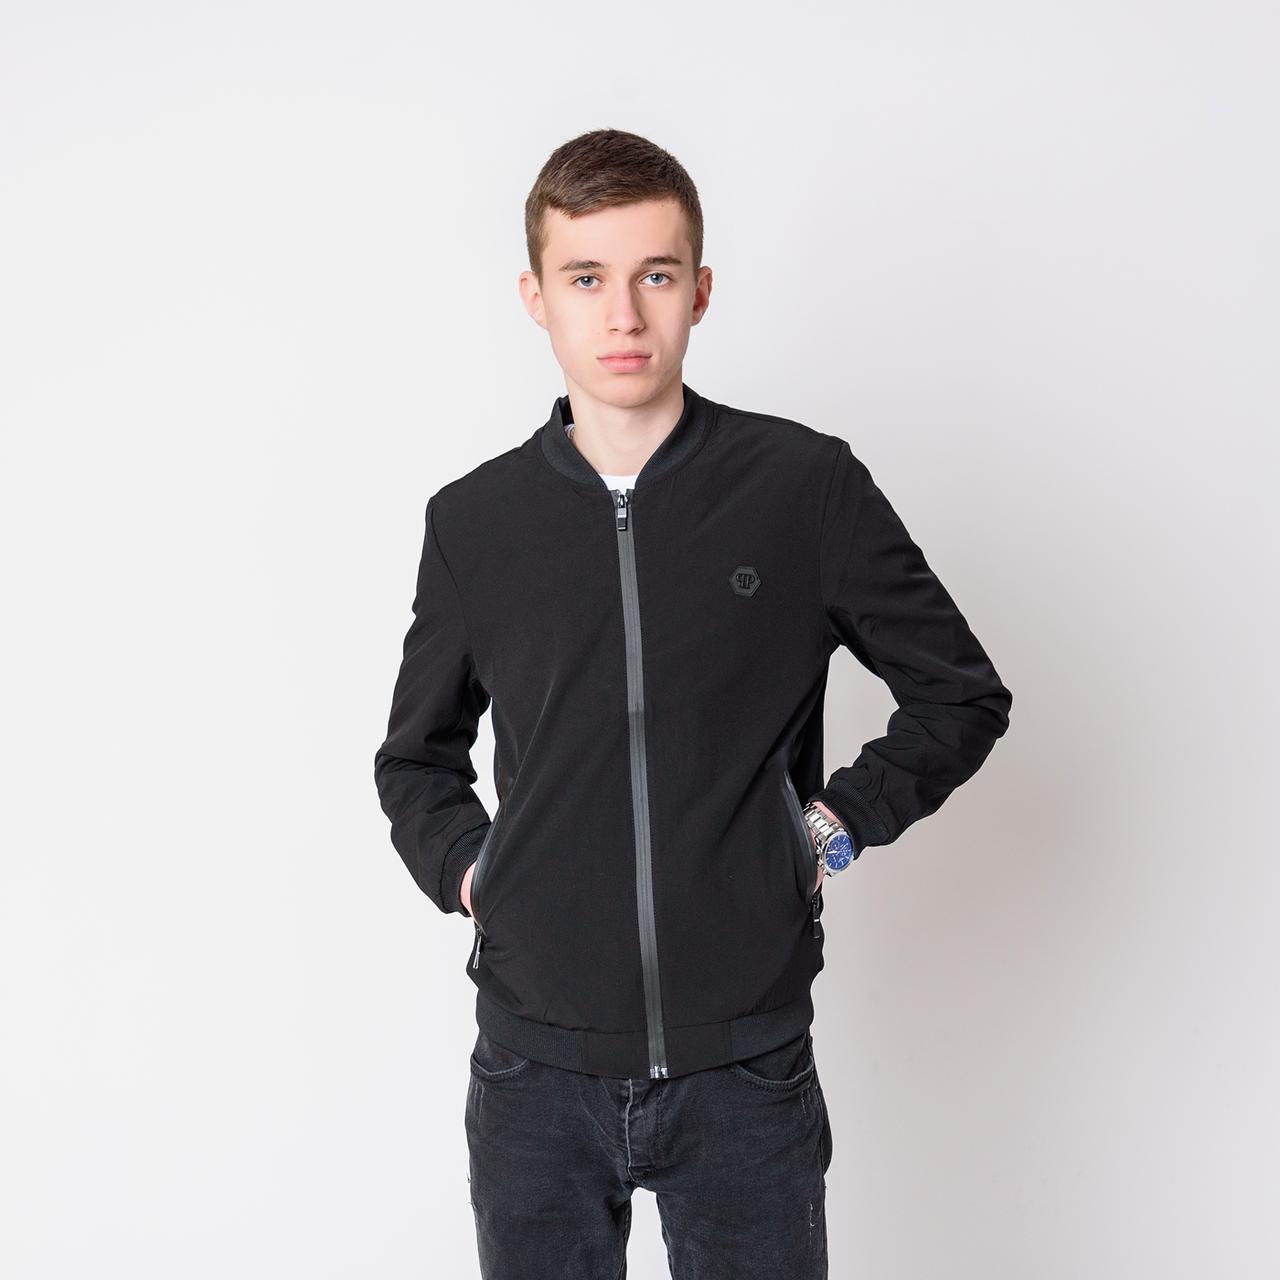 Чоловіча демісезонна куртка, чорного кольору Philipp Plein.